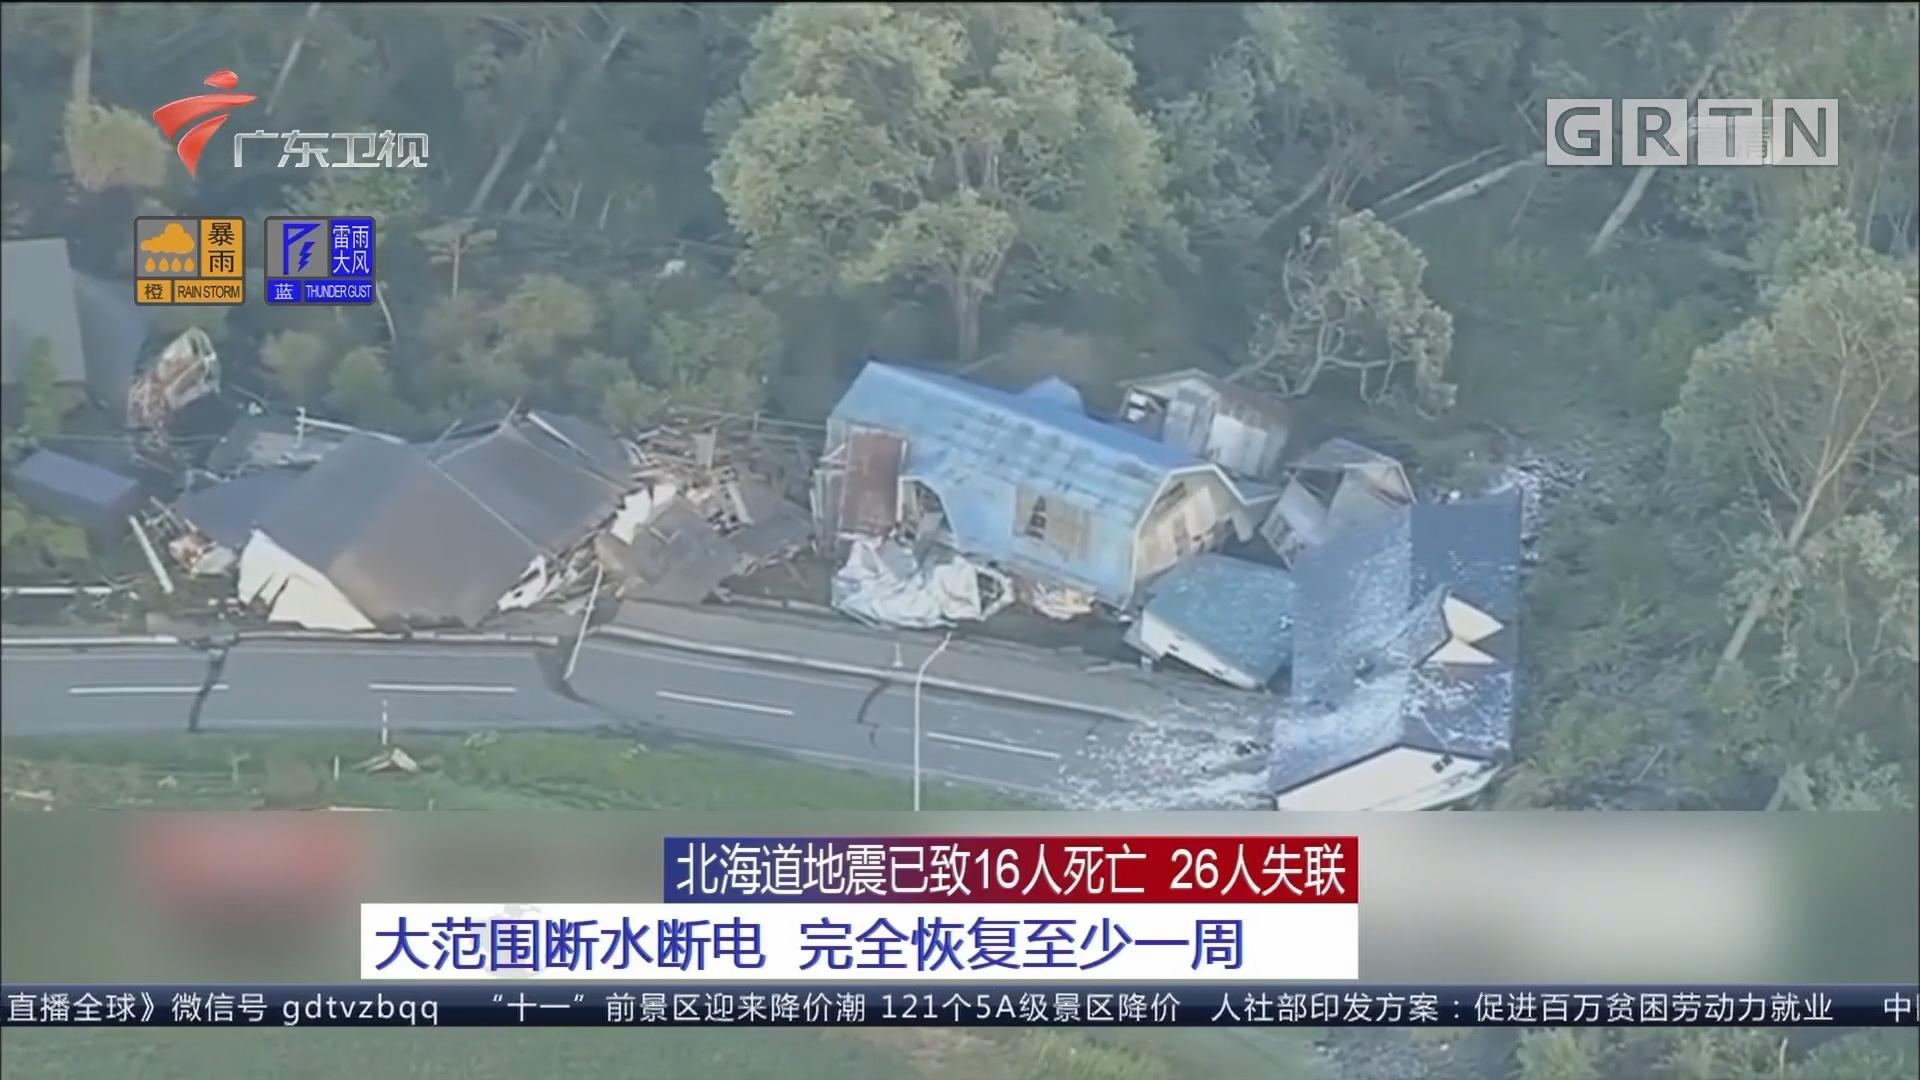 北海道地震已致16人死亡 26人失联:大范围断水断电 完全恢复至少一周